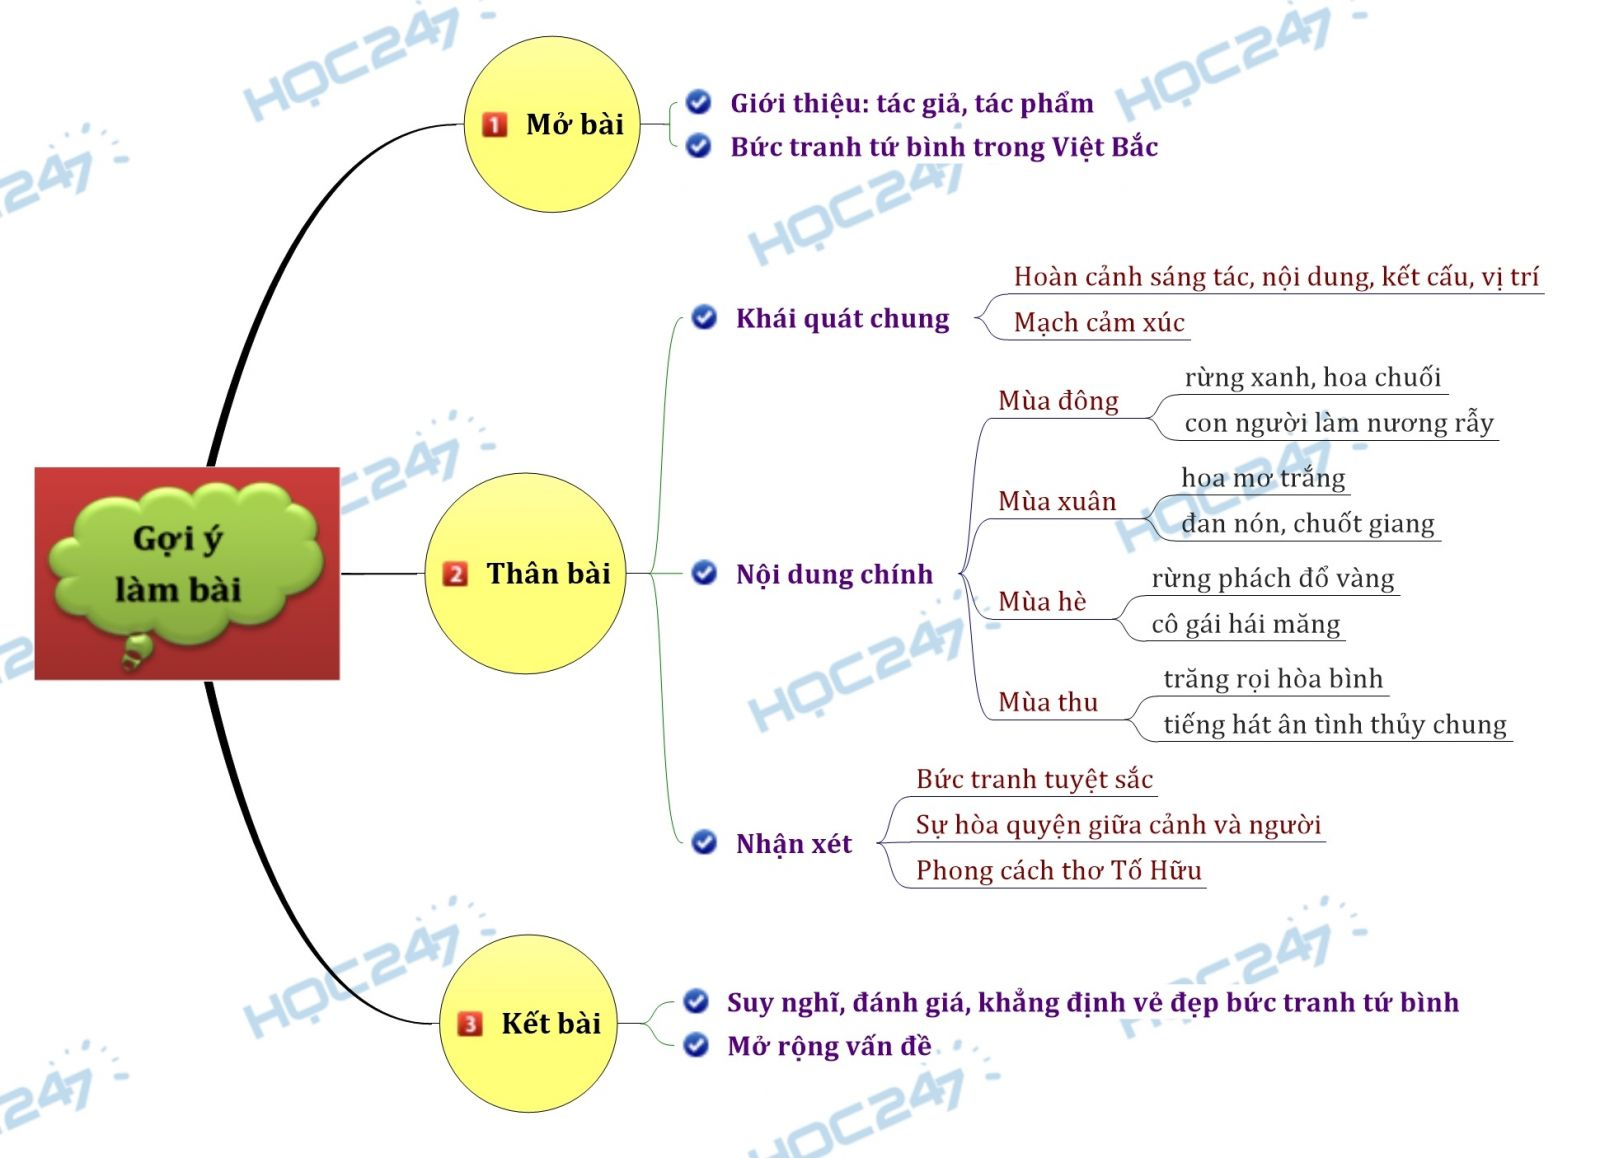 Sơ đồ tư duy - Bức tranh tứ bình trong bài thơ Việt Bắc của Tố Hữu